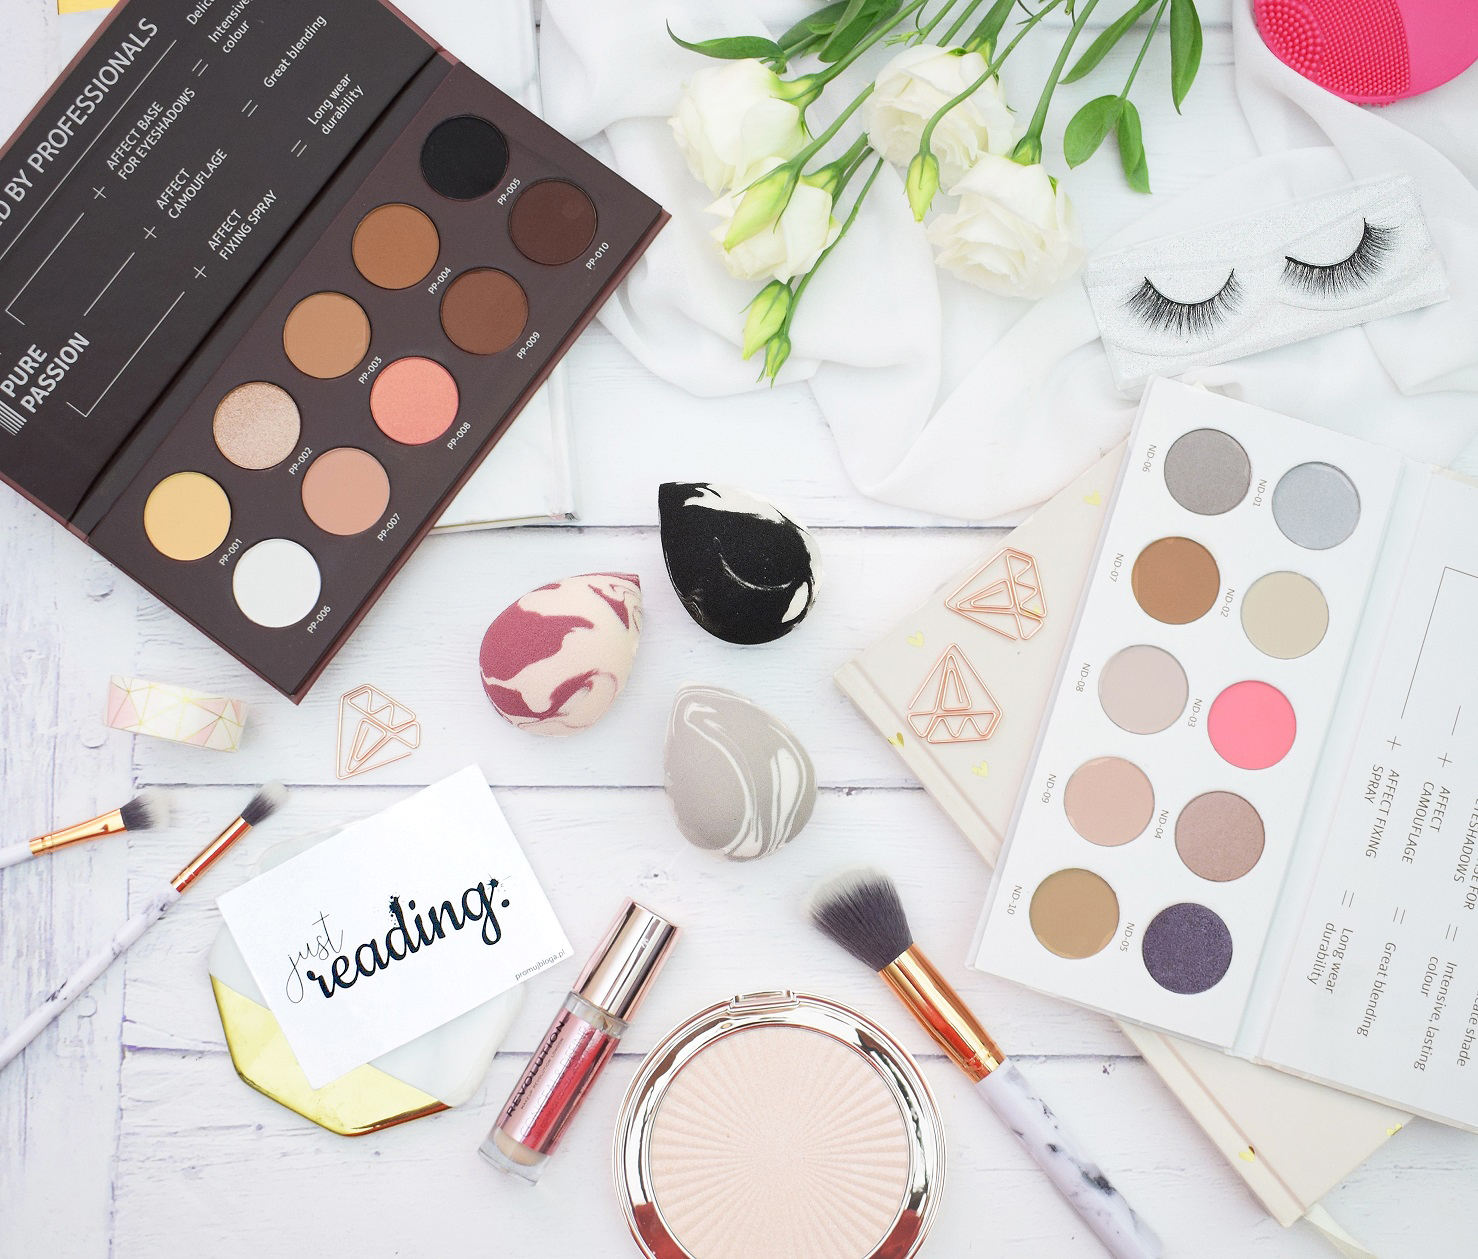 Marmurkowe Gabeczki Do Makijazu - Najlepsza Alternatywa Dla Beauty Blendera ?